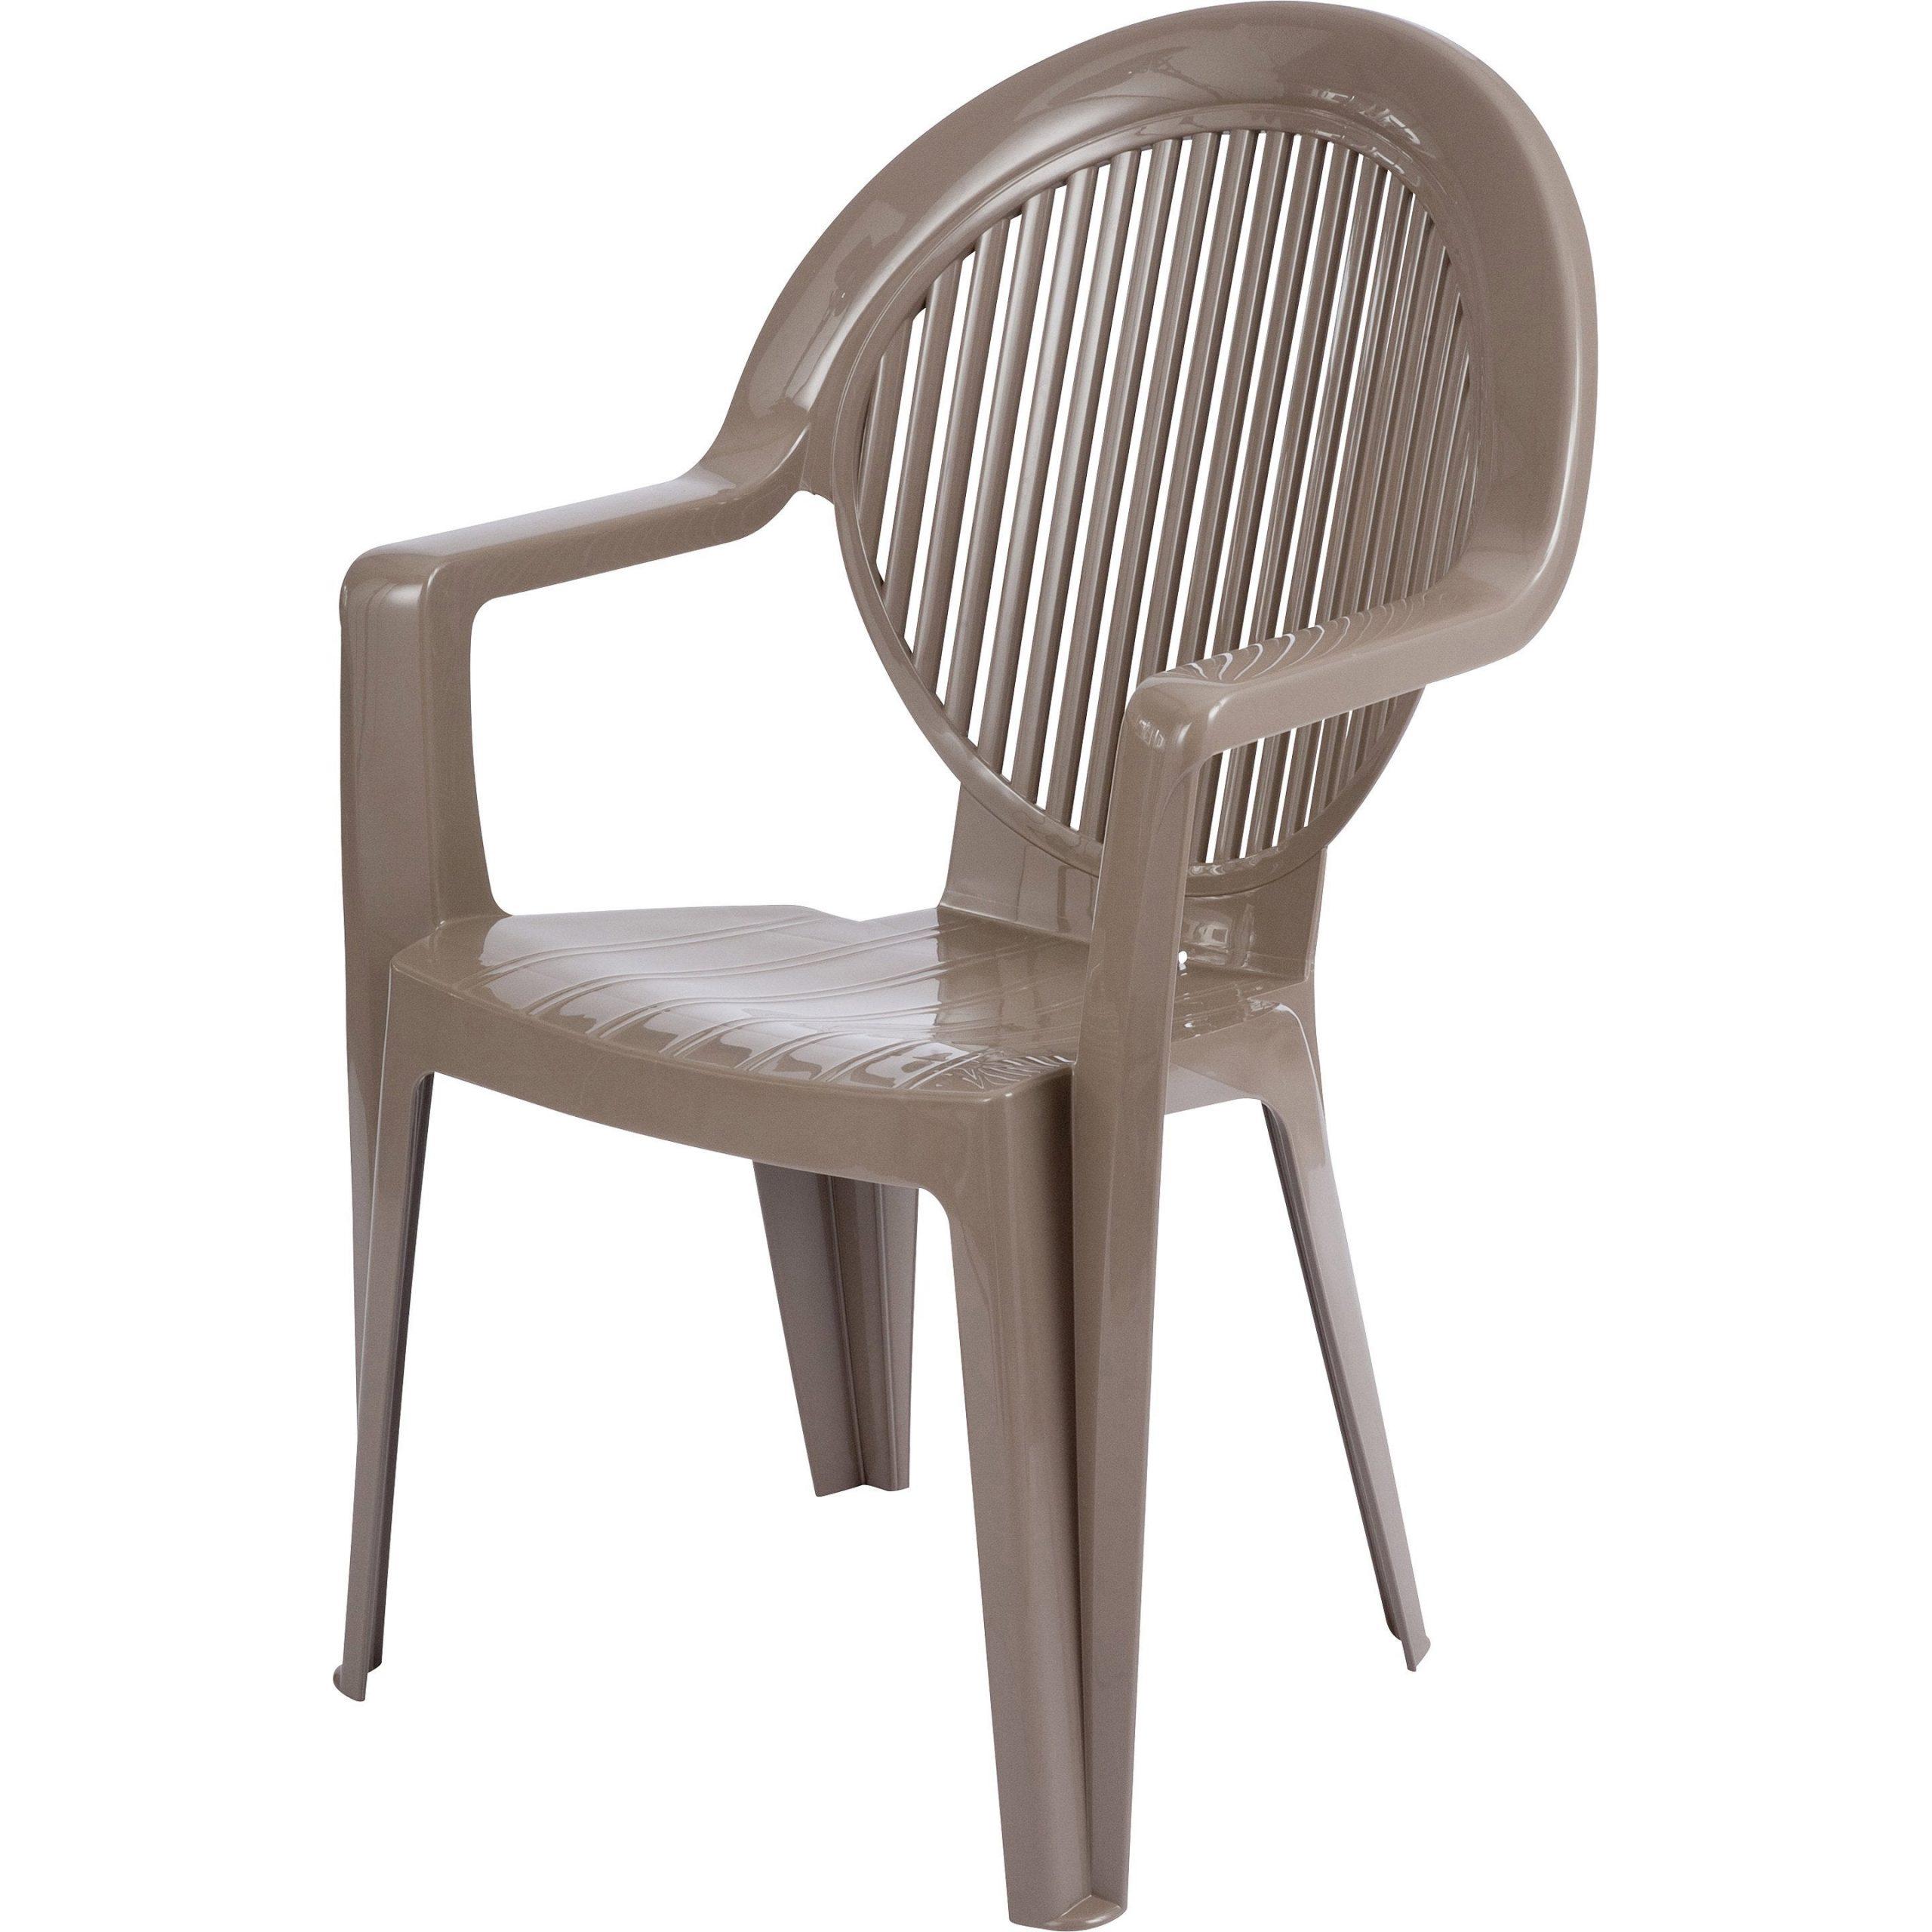 Cuisine & Maison Ameublement Et Décoration Chaise Fiji ... concernant Meuble Jardin Metal